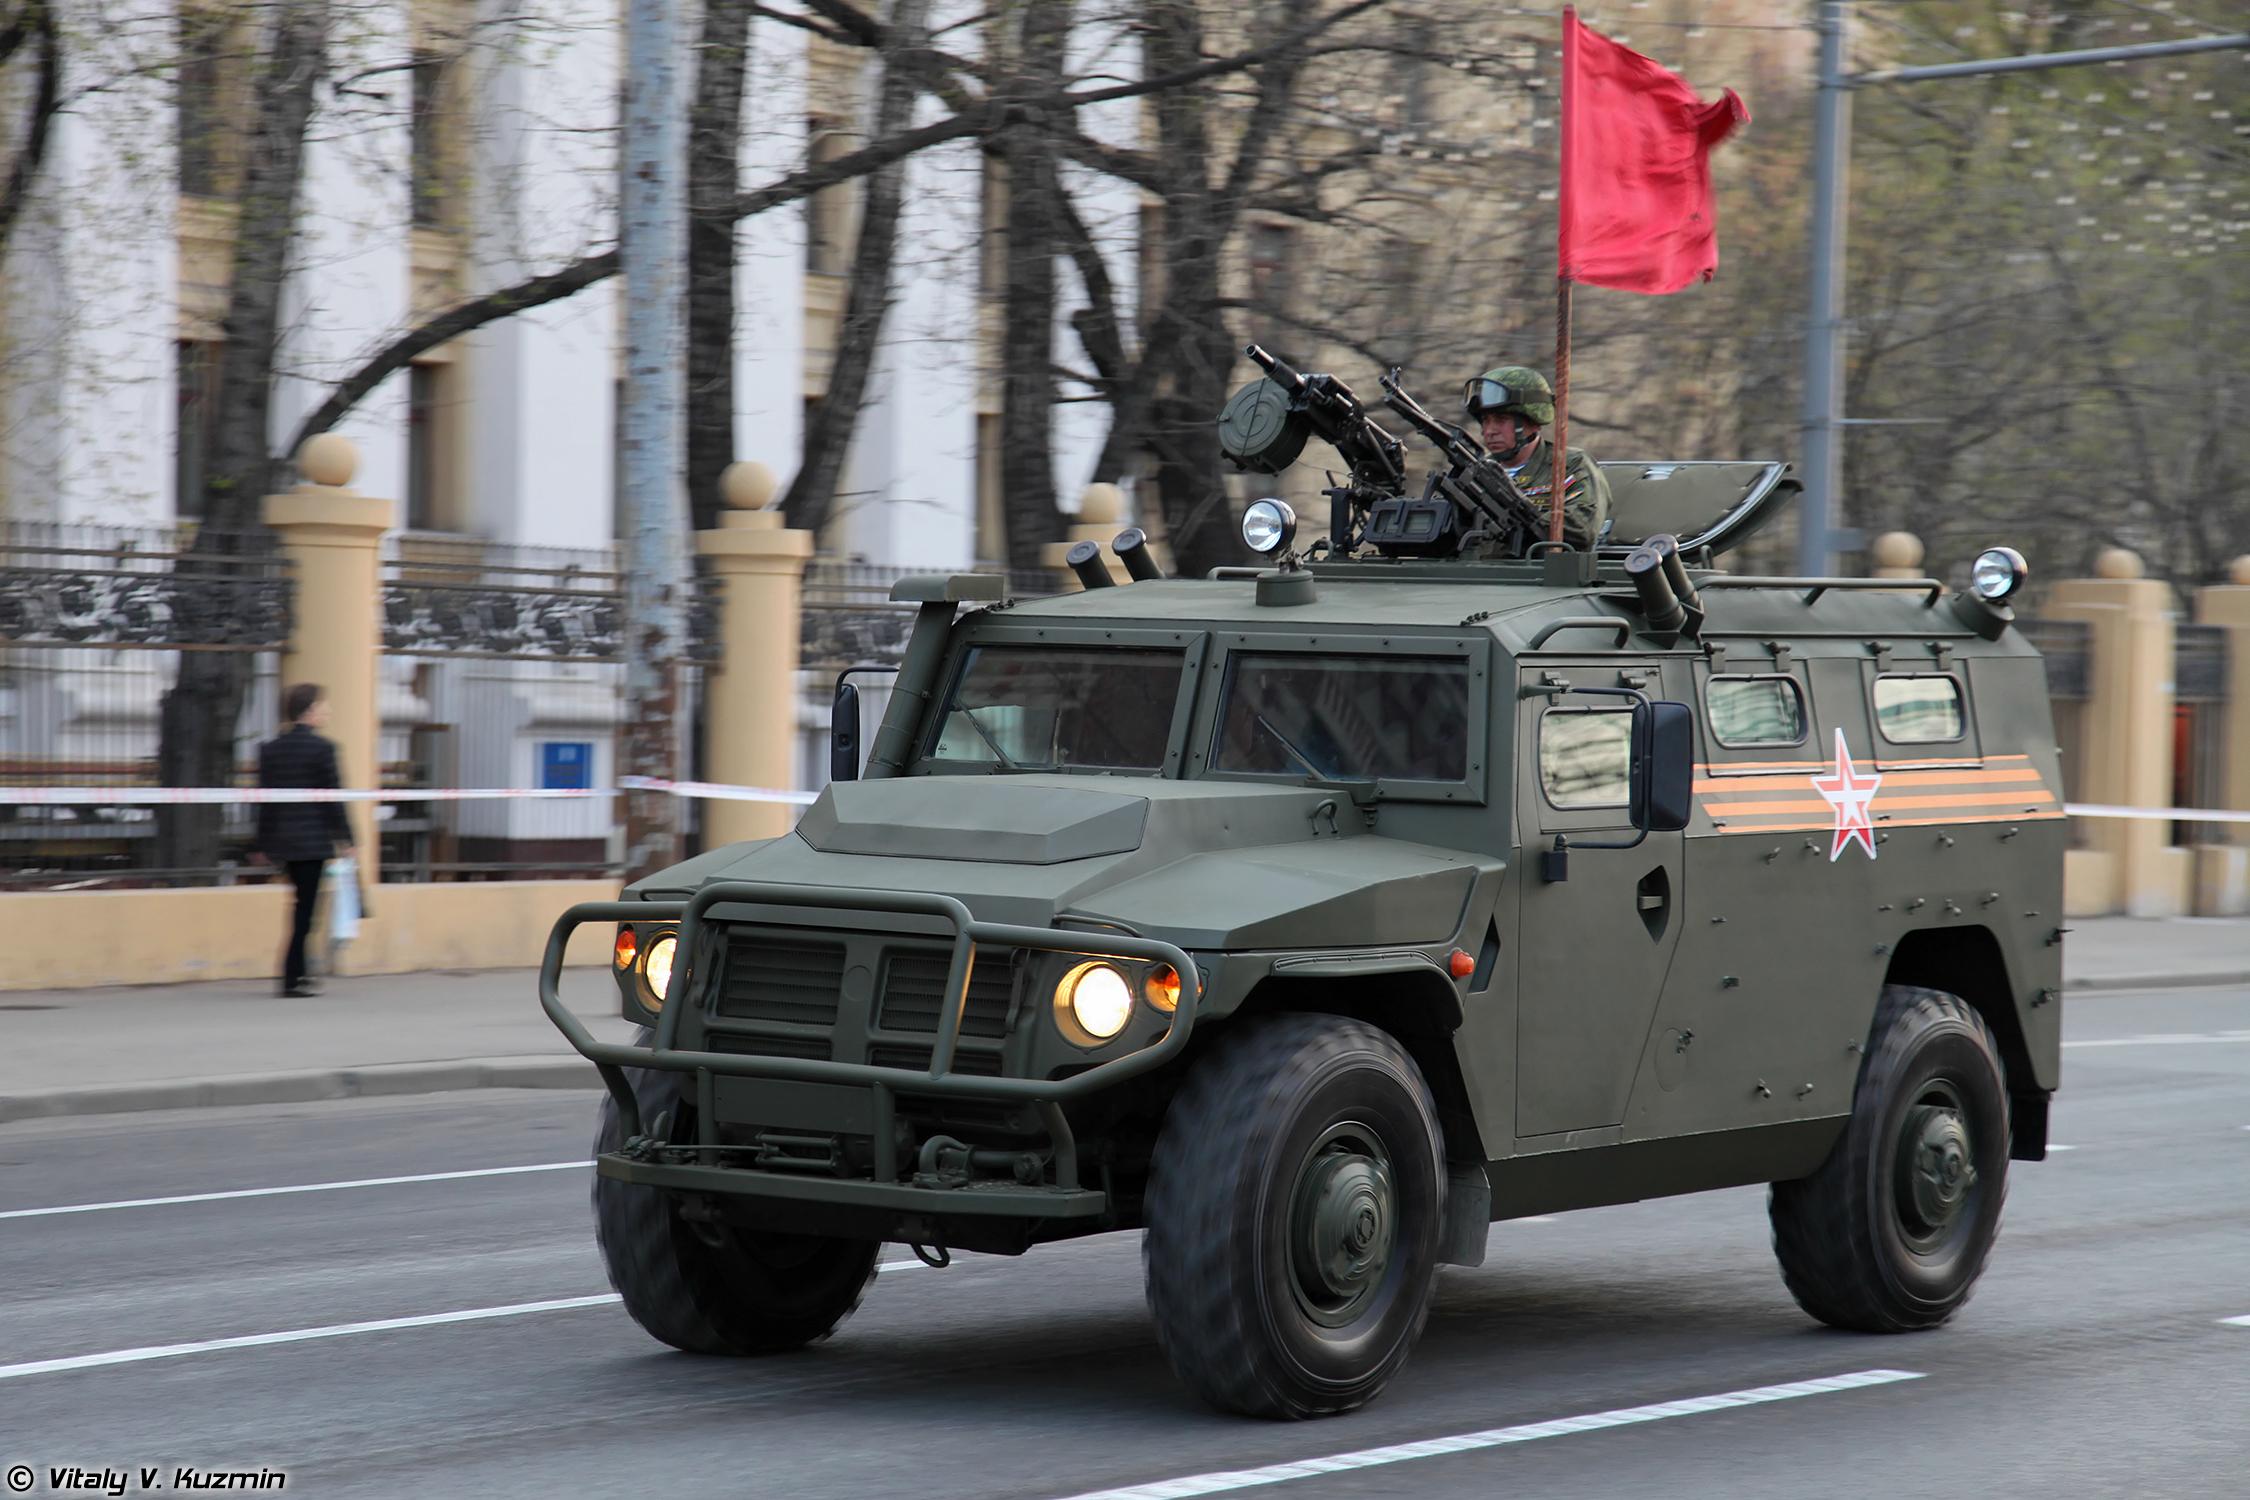 фото военных легковых автомобилей уводят нас друзей